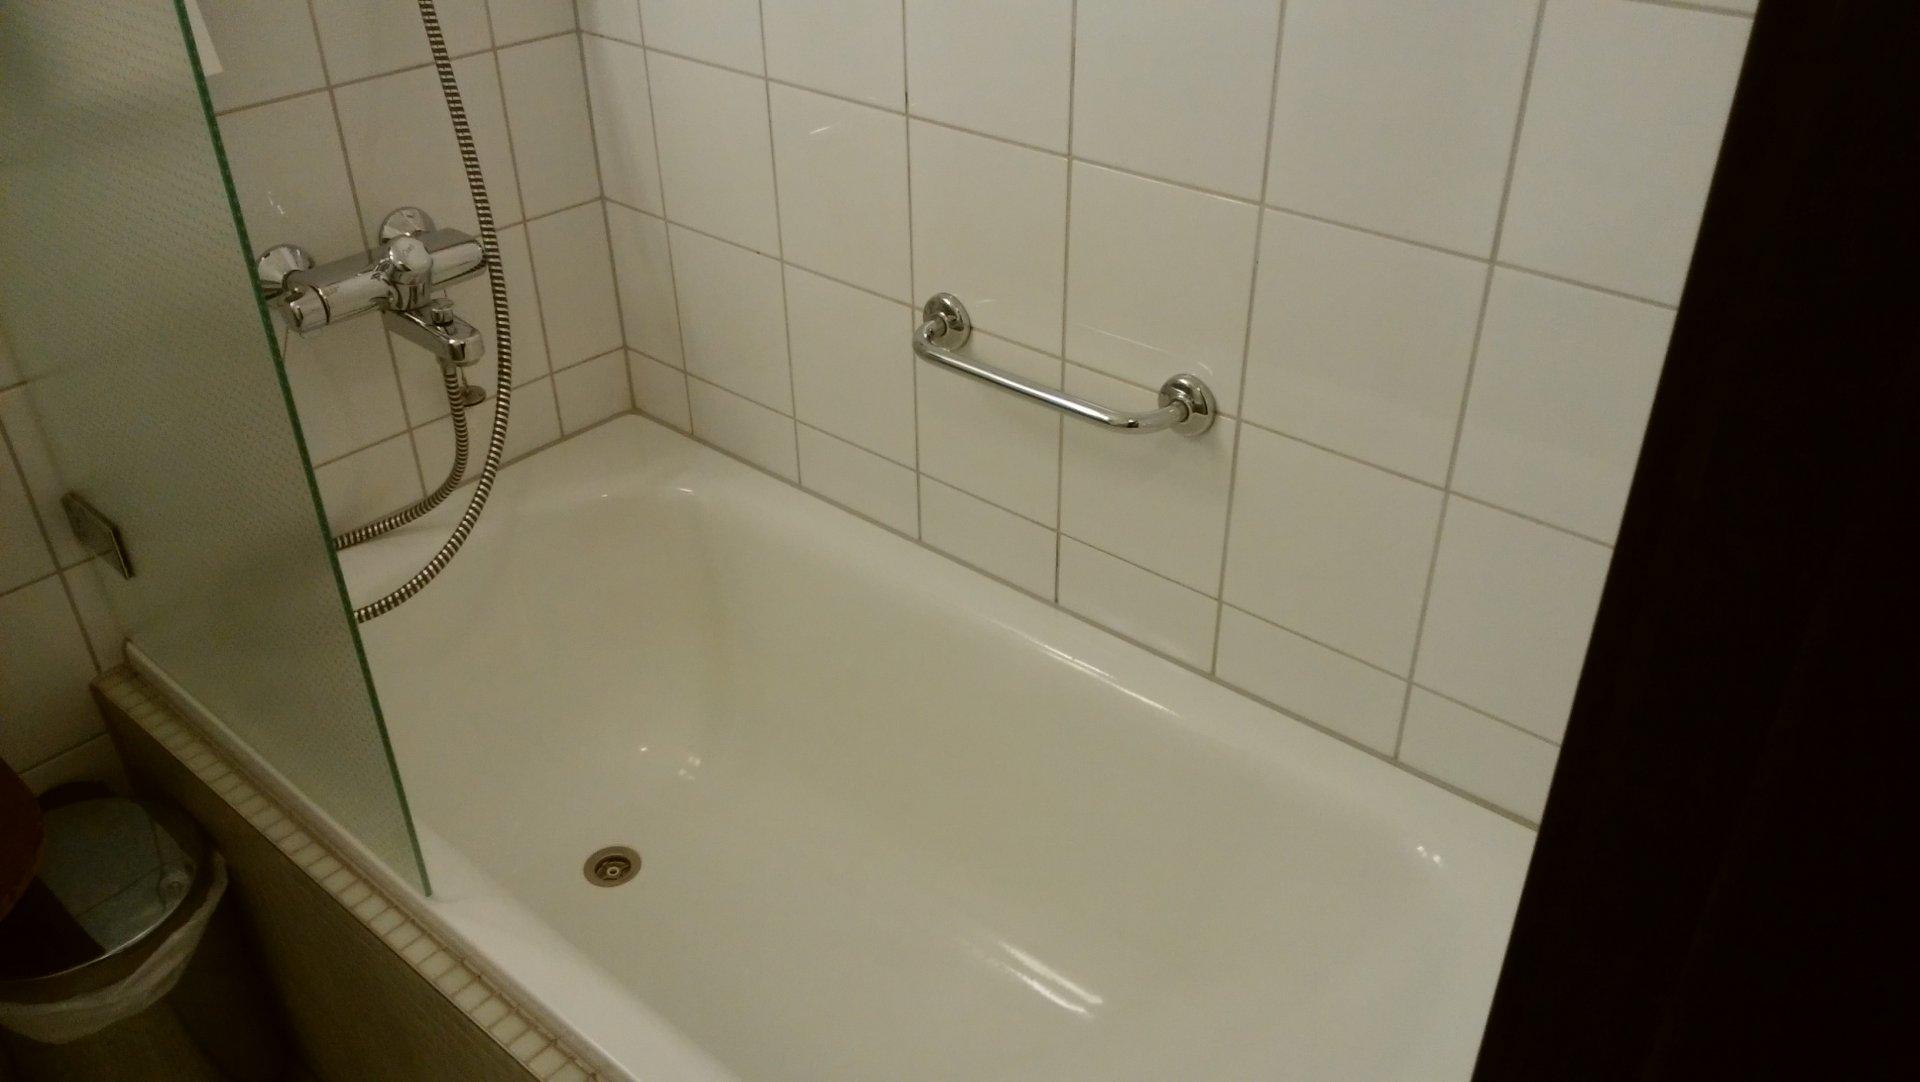 ソコスヴァークナのトイレ兼浴室